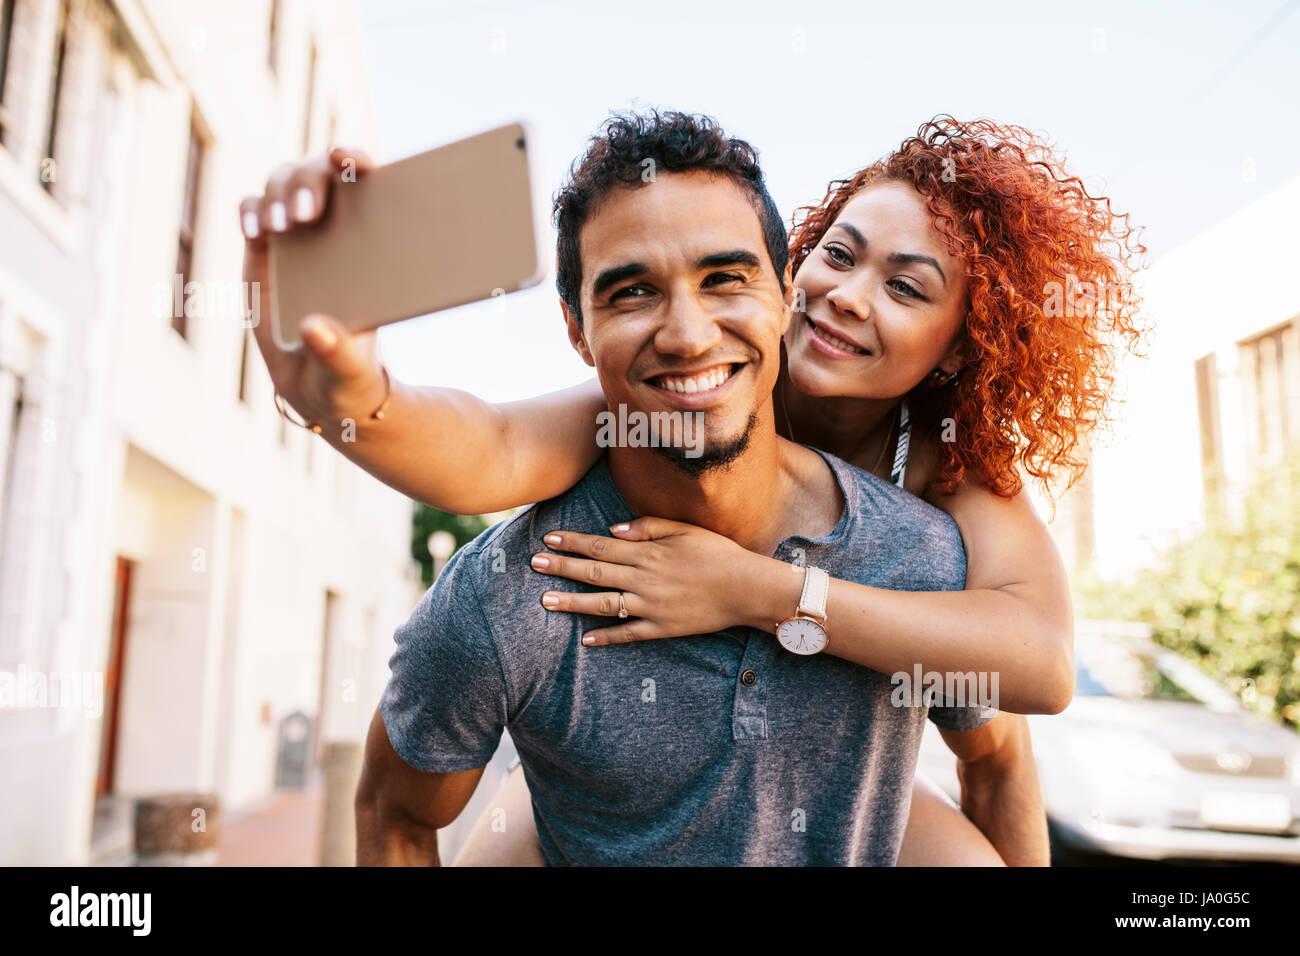 Smiling young woman riding piggy back sur son partenaire tout en prenant un des selfies son smartphone. Jeune homme Photo Stock